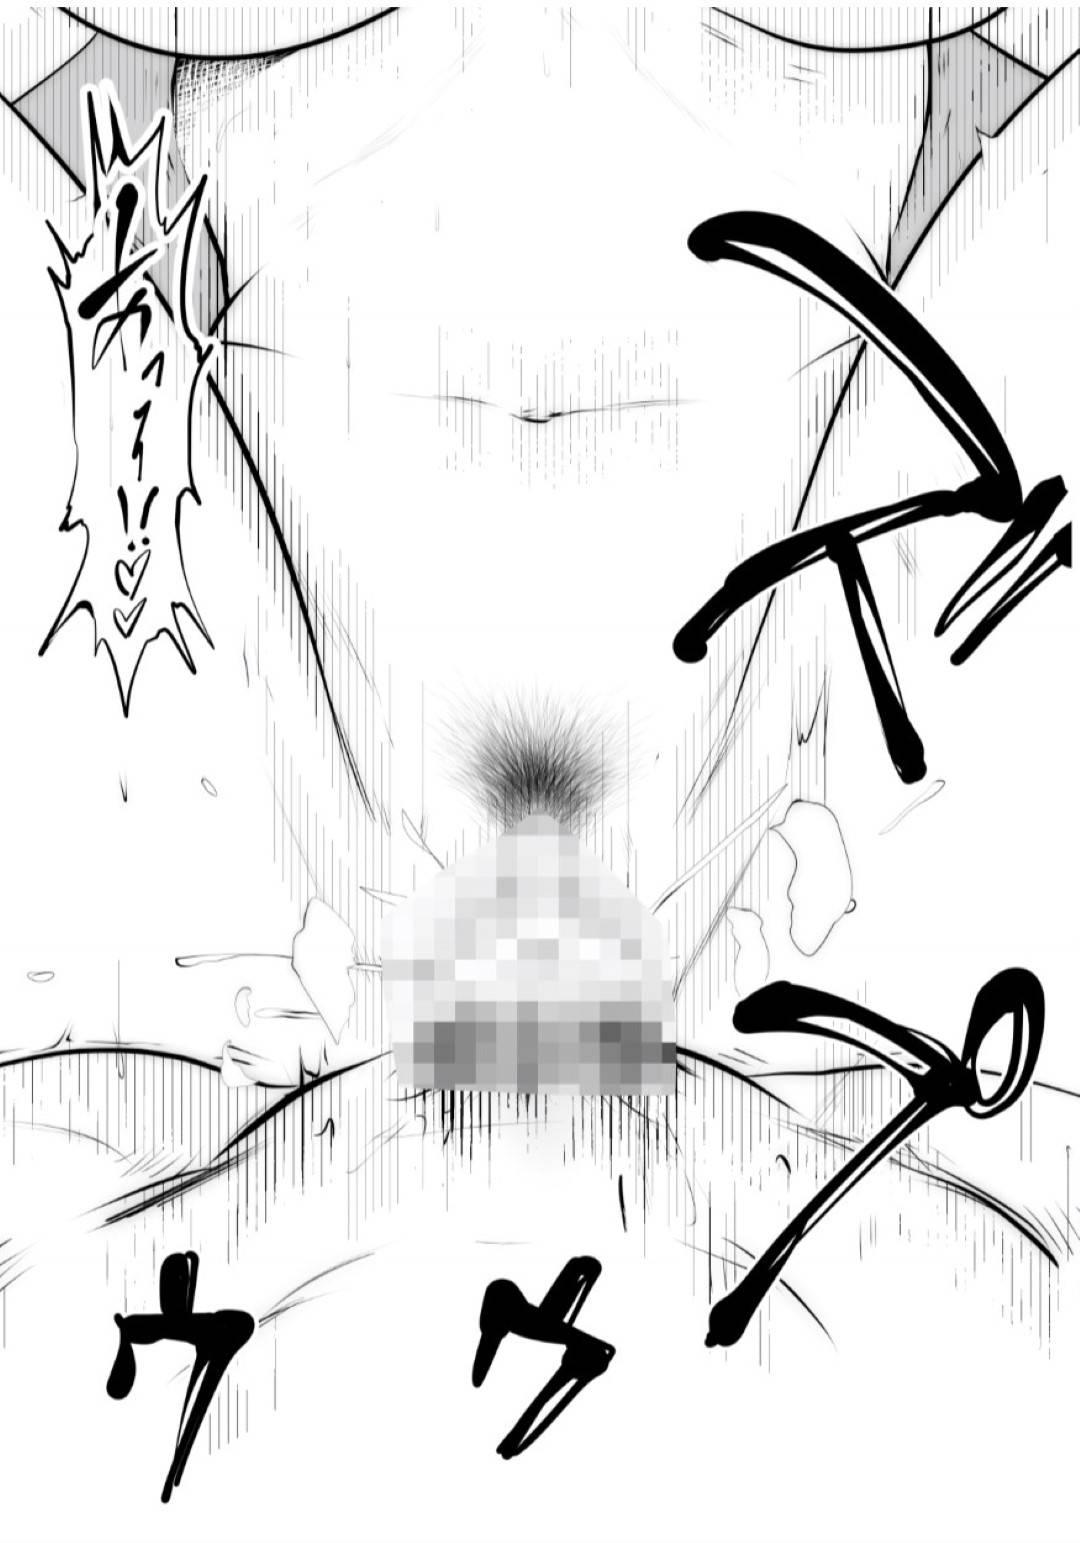 【エロ漫画】教え子の部屋でエロ本を見つけて挑発したあとおっぱいを出して誘惑する爆乳眼鏡の家庭教師…全裸になってキスしまくり生ハメ筆下ろし中出しセックスで童貞を奪いイキまくる【双龍:黒縁メガネの家庭教師】